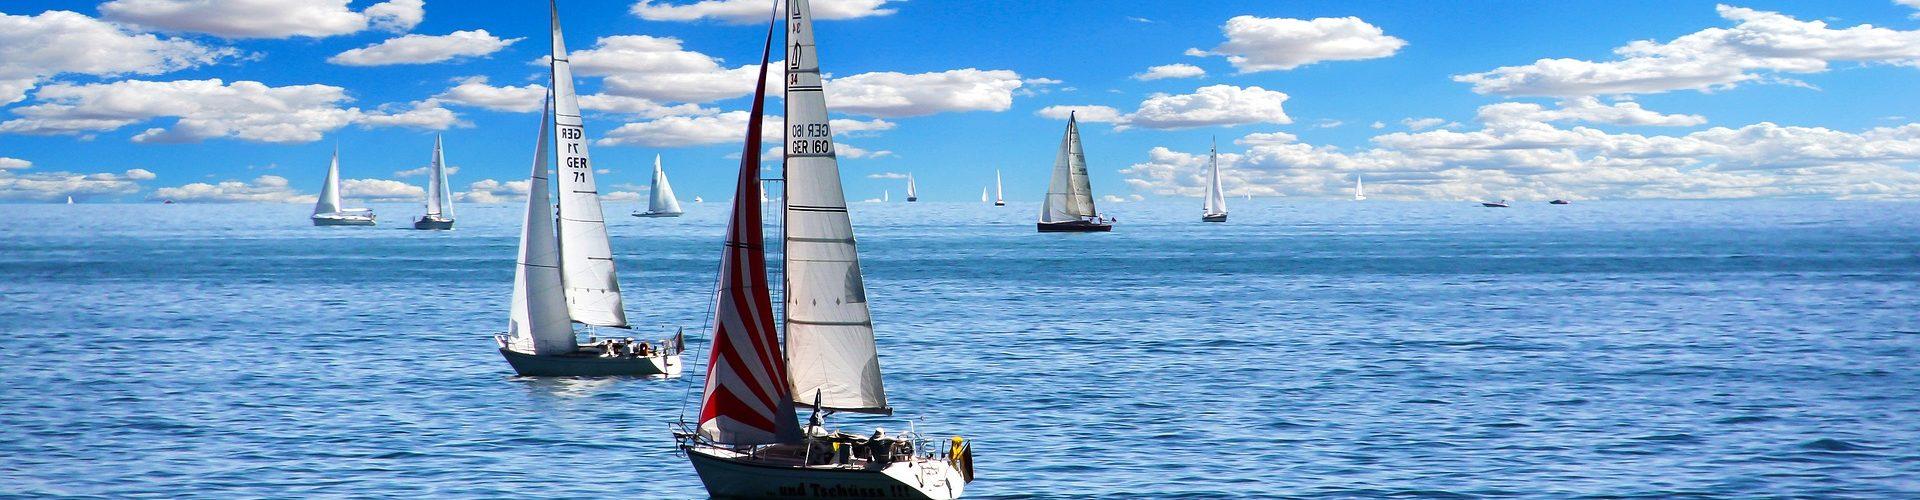 segeln lernen in Ahaus segelschein machen in Ahaus 1920x500 - Segeln lernen in Ahaus